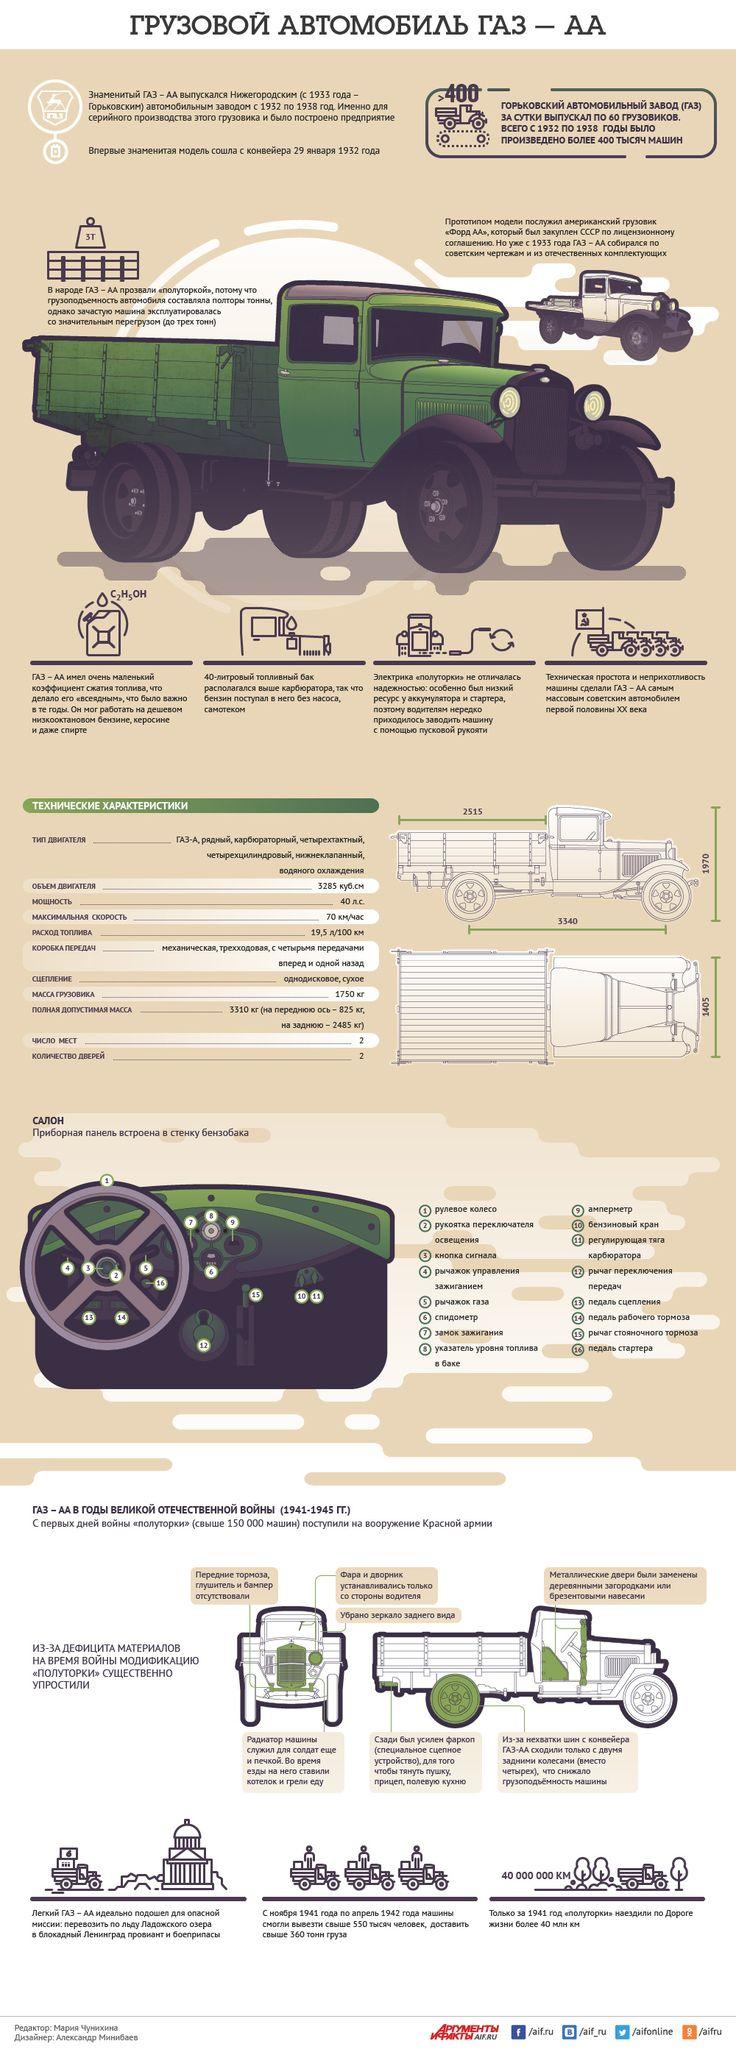 Грузовой автомобиль ГАЗ-АА. Инфографика | Инфографика | Вопрос-Ответ | Аргументы и Факты